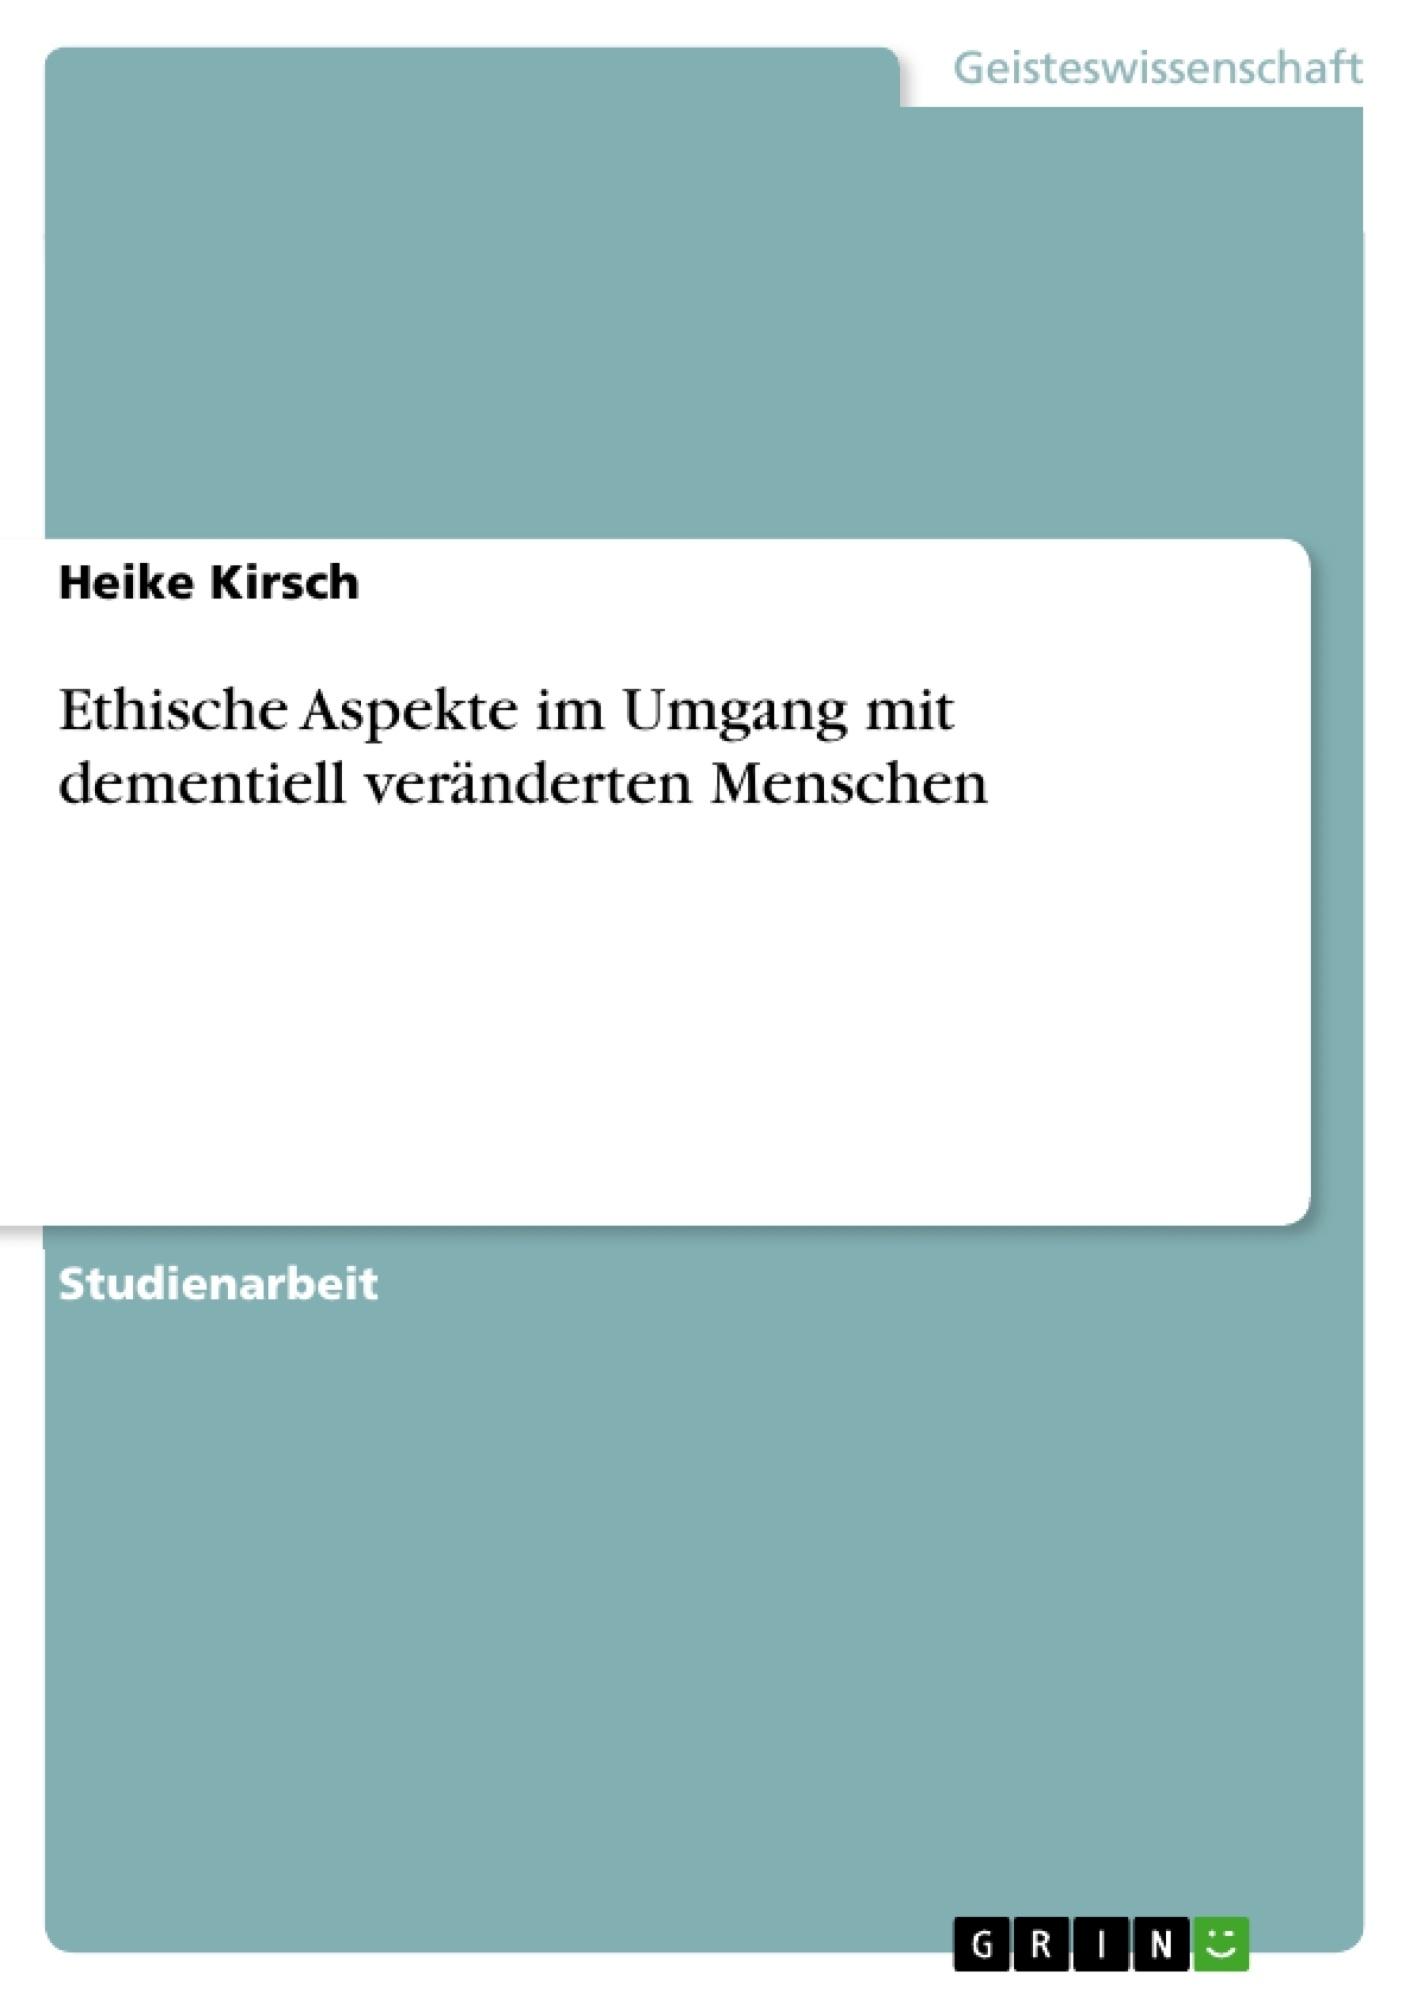 Titel: Ethische Aspekte im Umgang mit dementiell veränderten Menschen